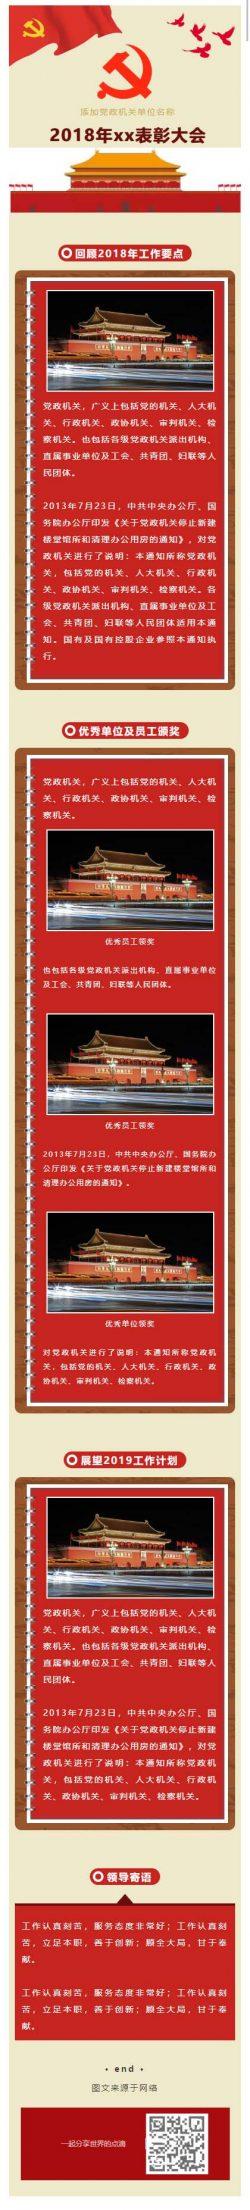 党政机关表彰大会